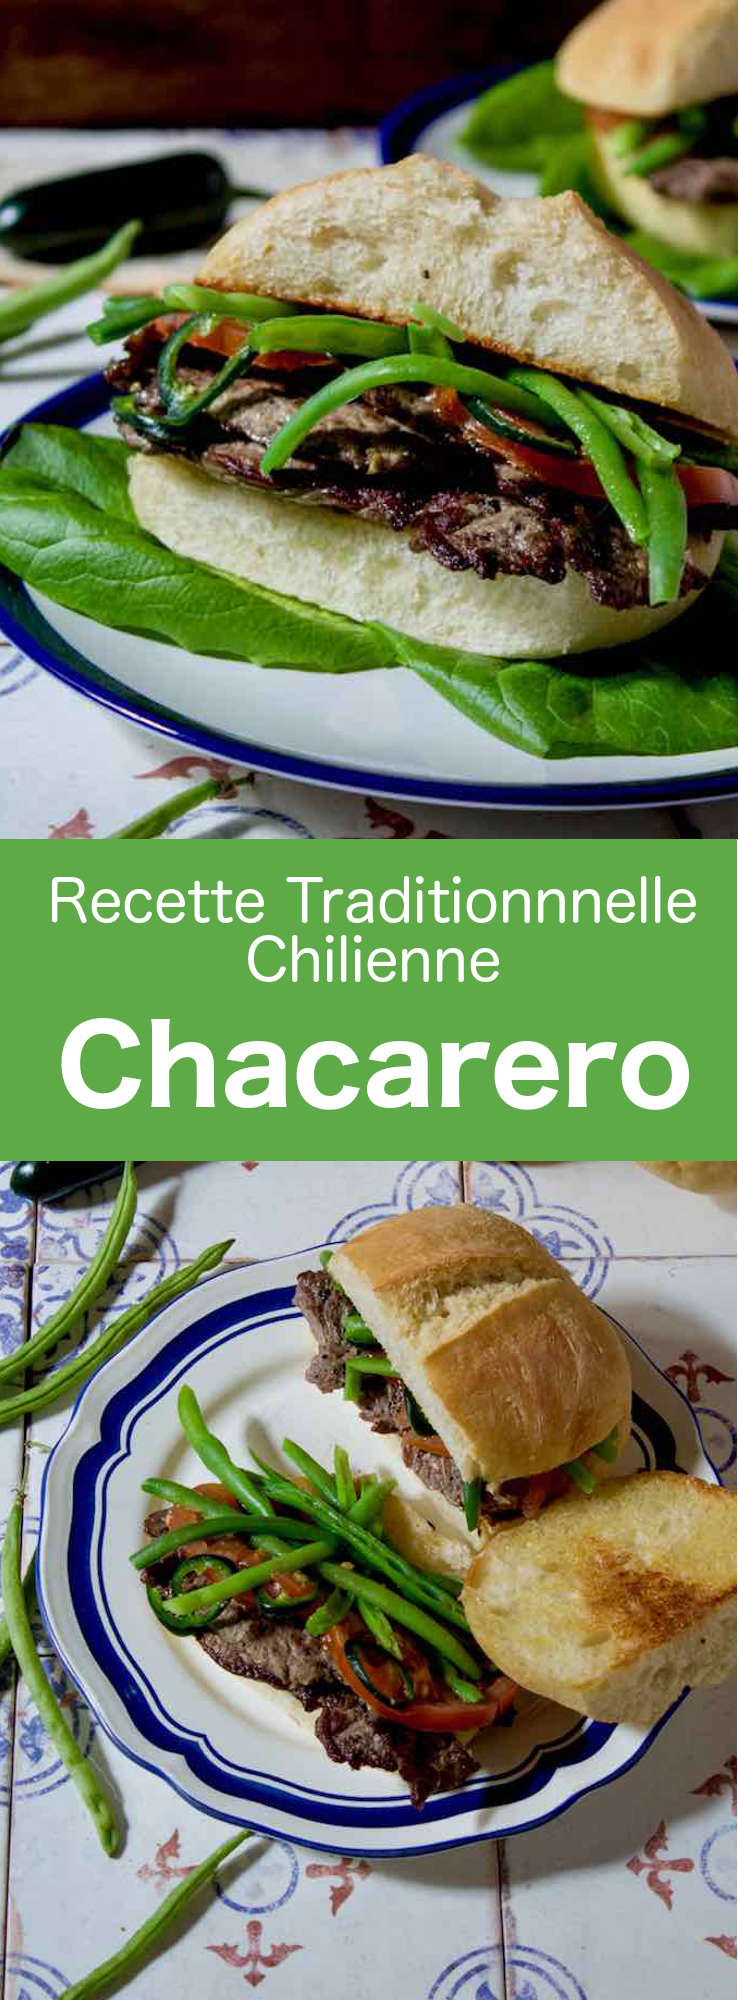 Le chacarero est un sandwich traditionnel chilien à base de surlonge de bœuf finement tranchée. Il est préparé avec du pain marraqueta, des tomates et des haricots verts. #Chili #RecetteChilienne #CuisineChilienne #CuisineDuMonde #196flavors